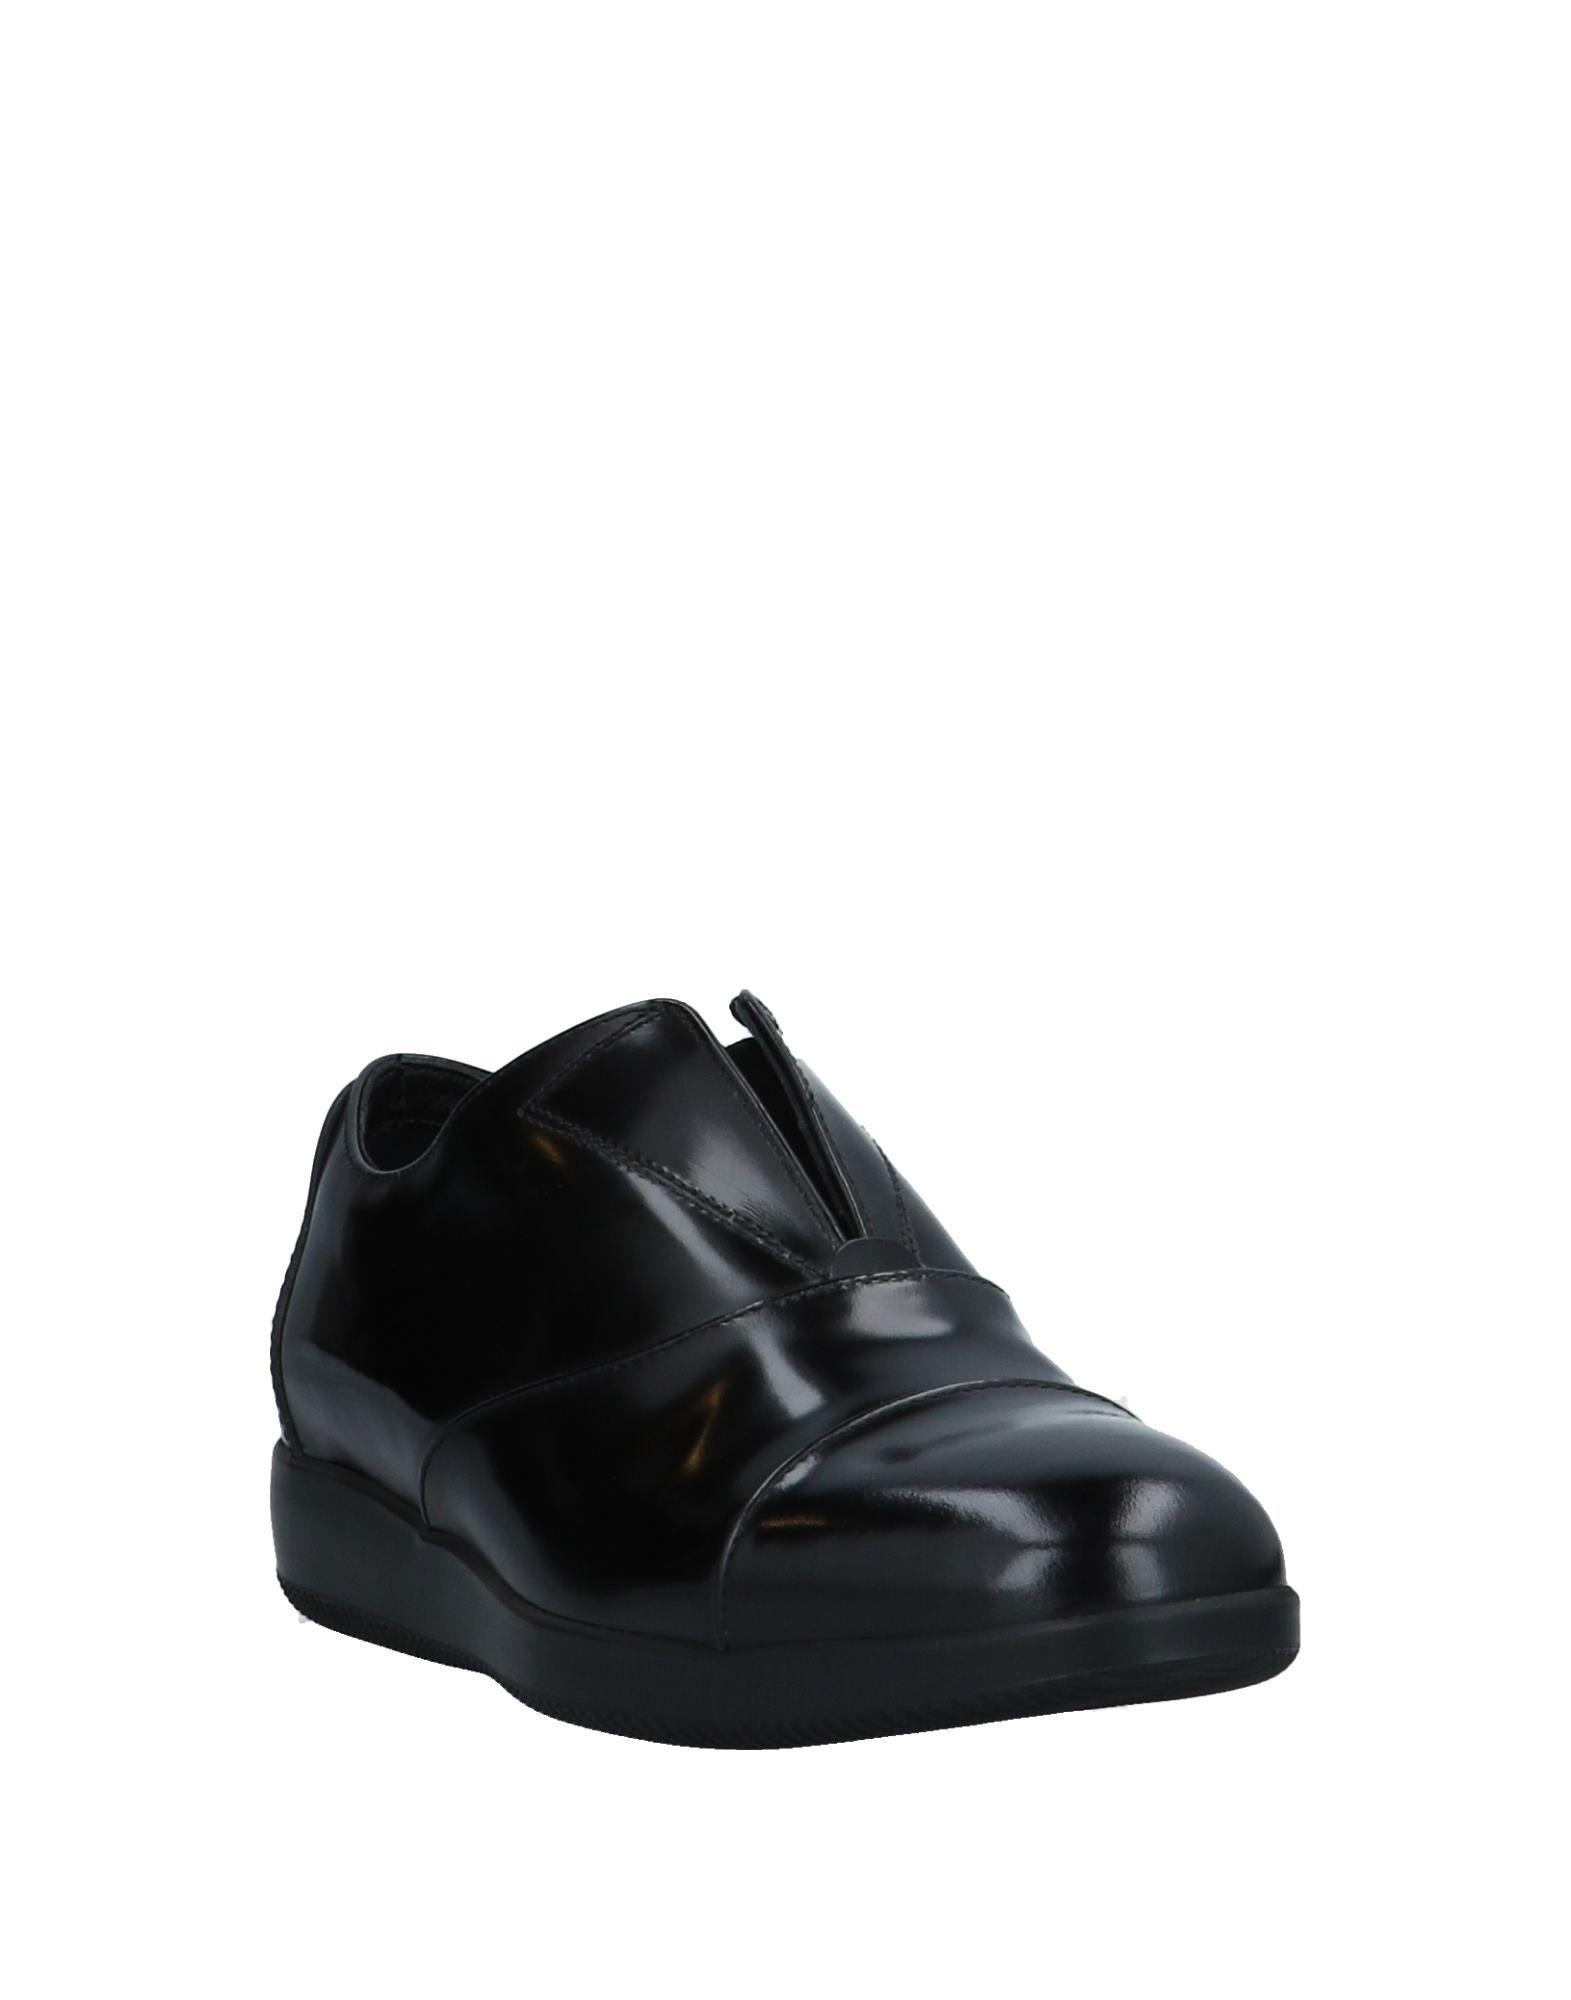 Hogan aussehende Mokassins Damen  11537931HKGut aussehende Hogan strapazierfähige Schuhe 0e5451